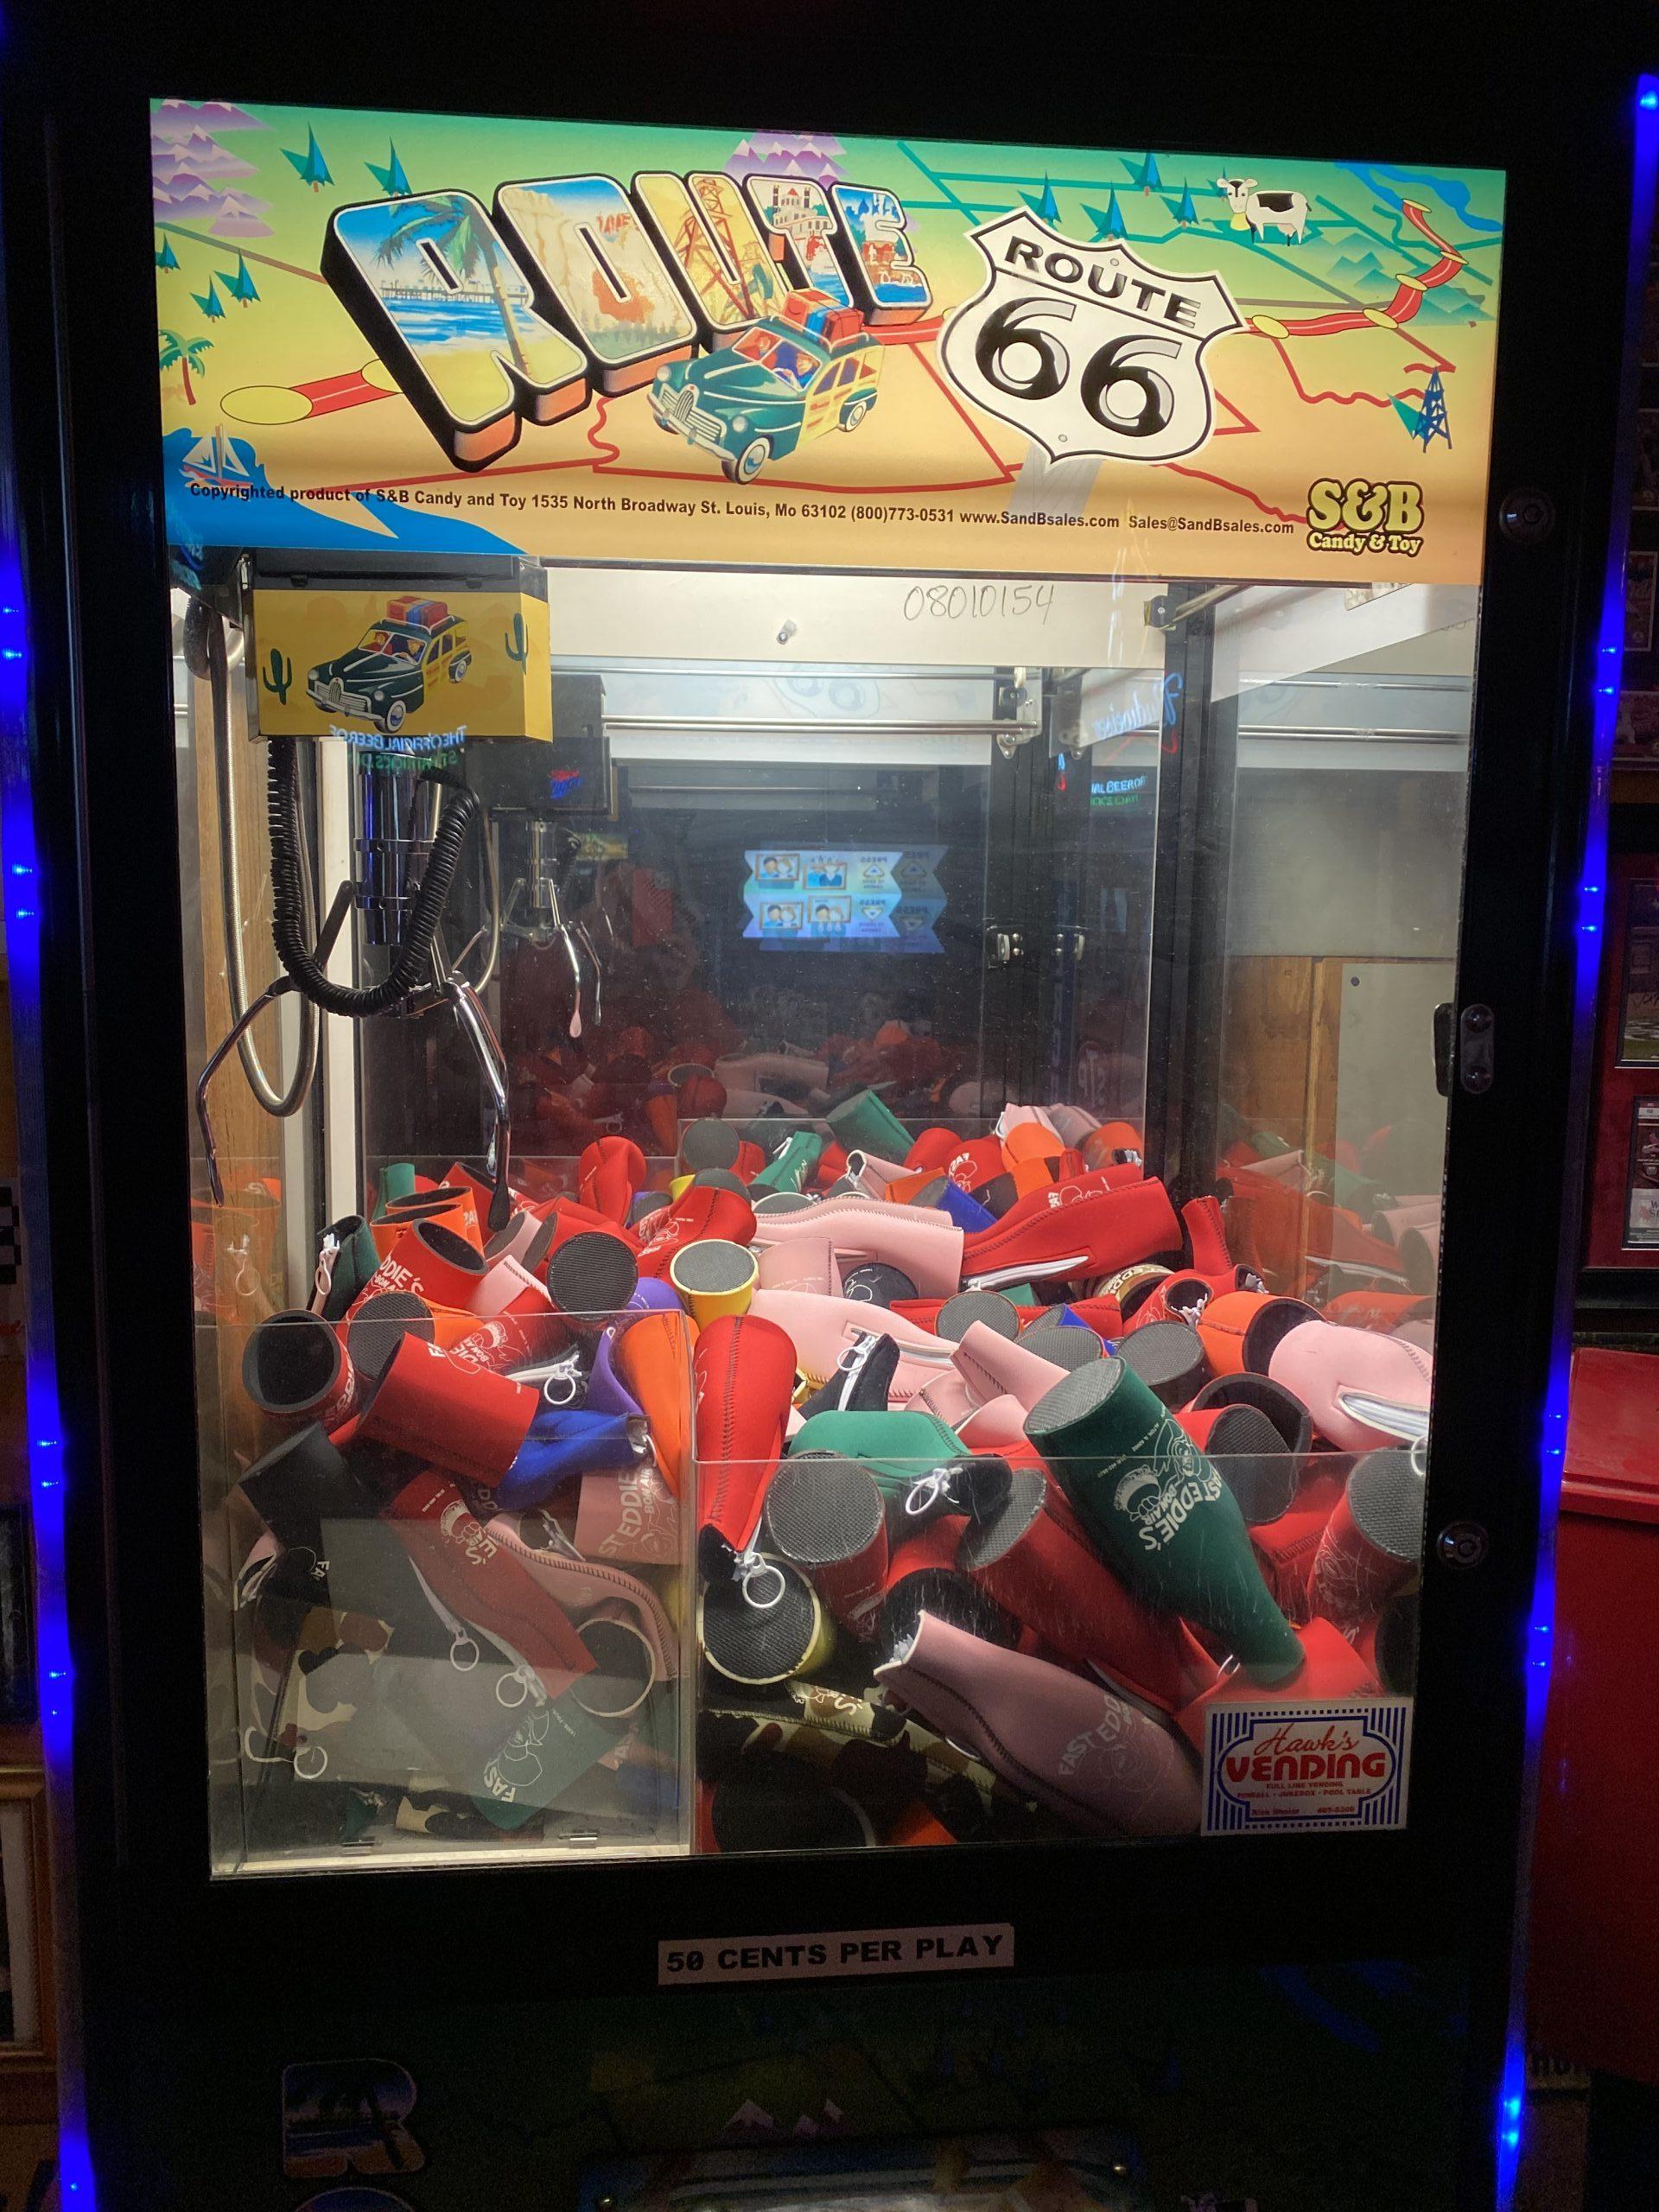 fast-eddies-claw-machine-game